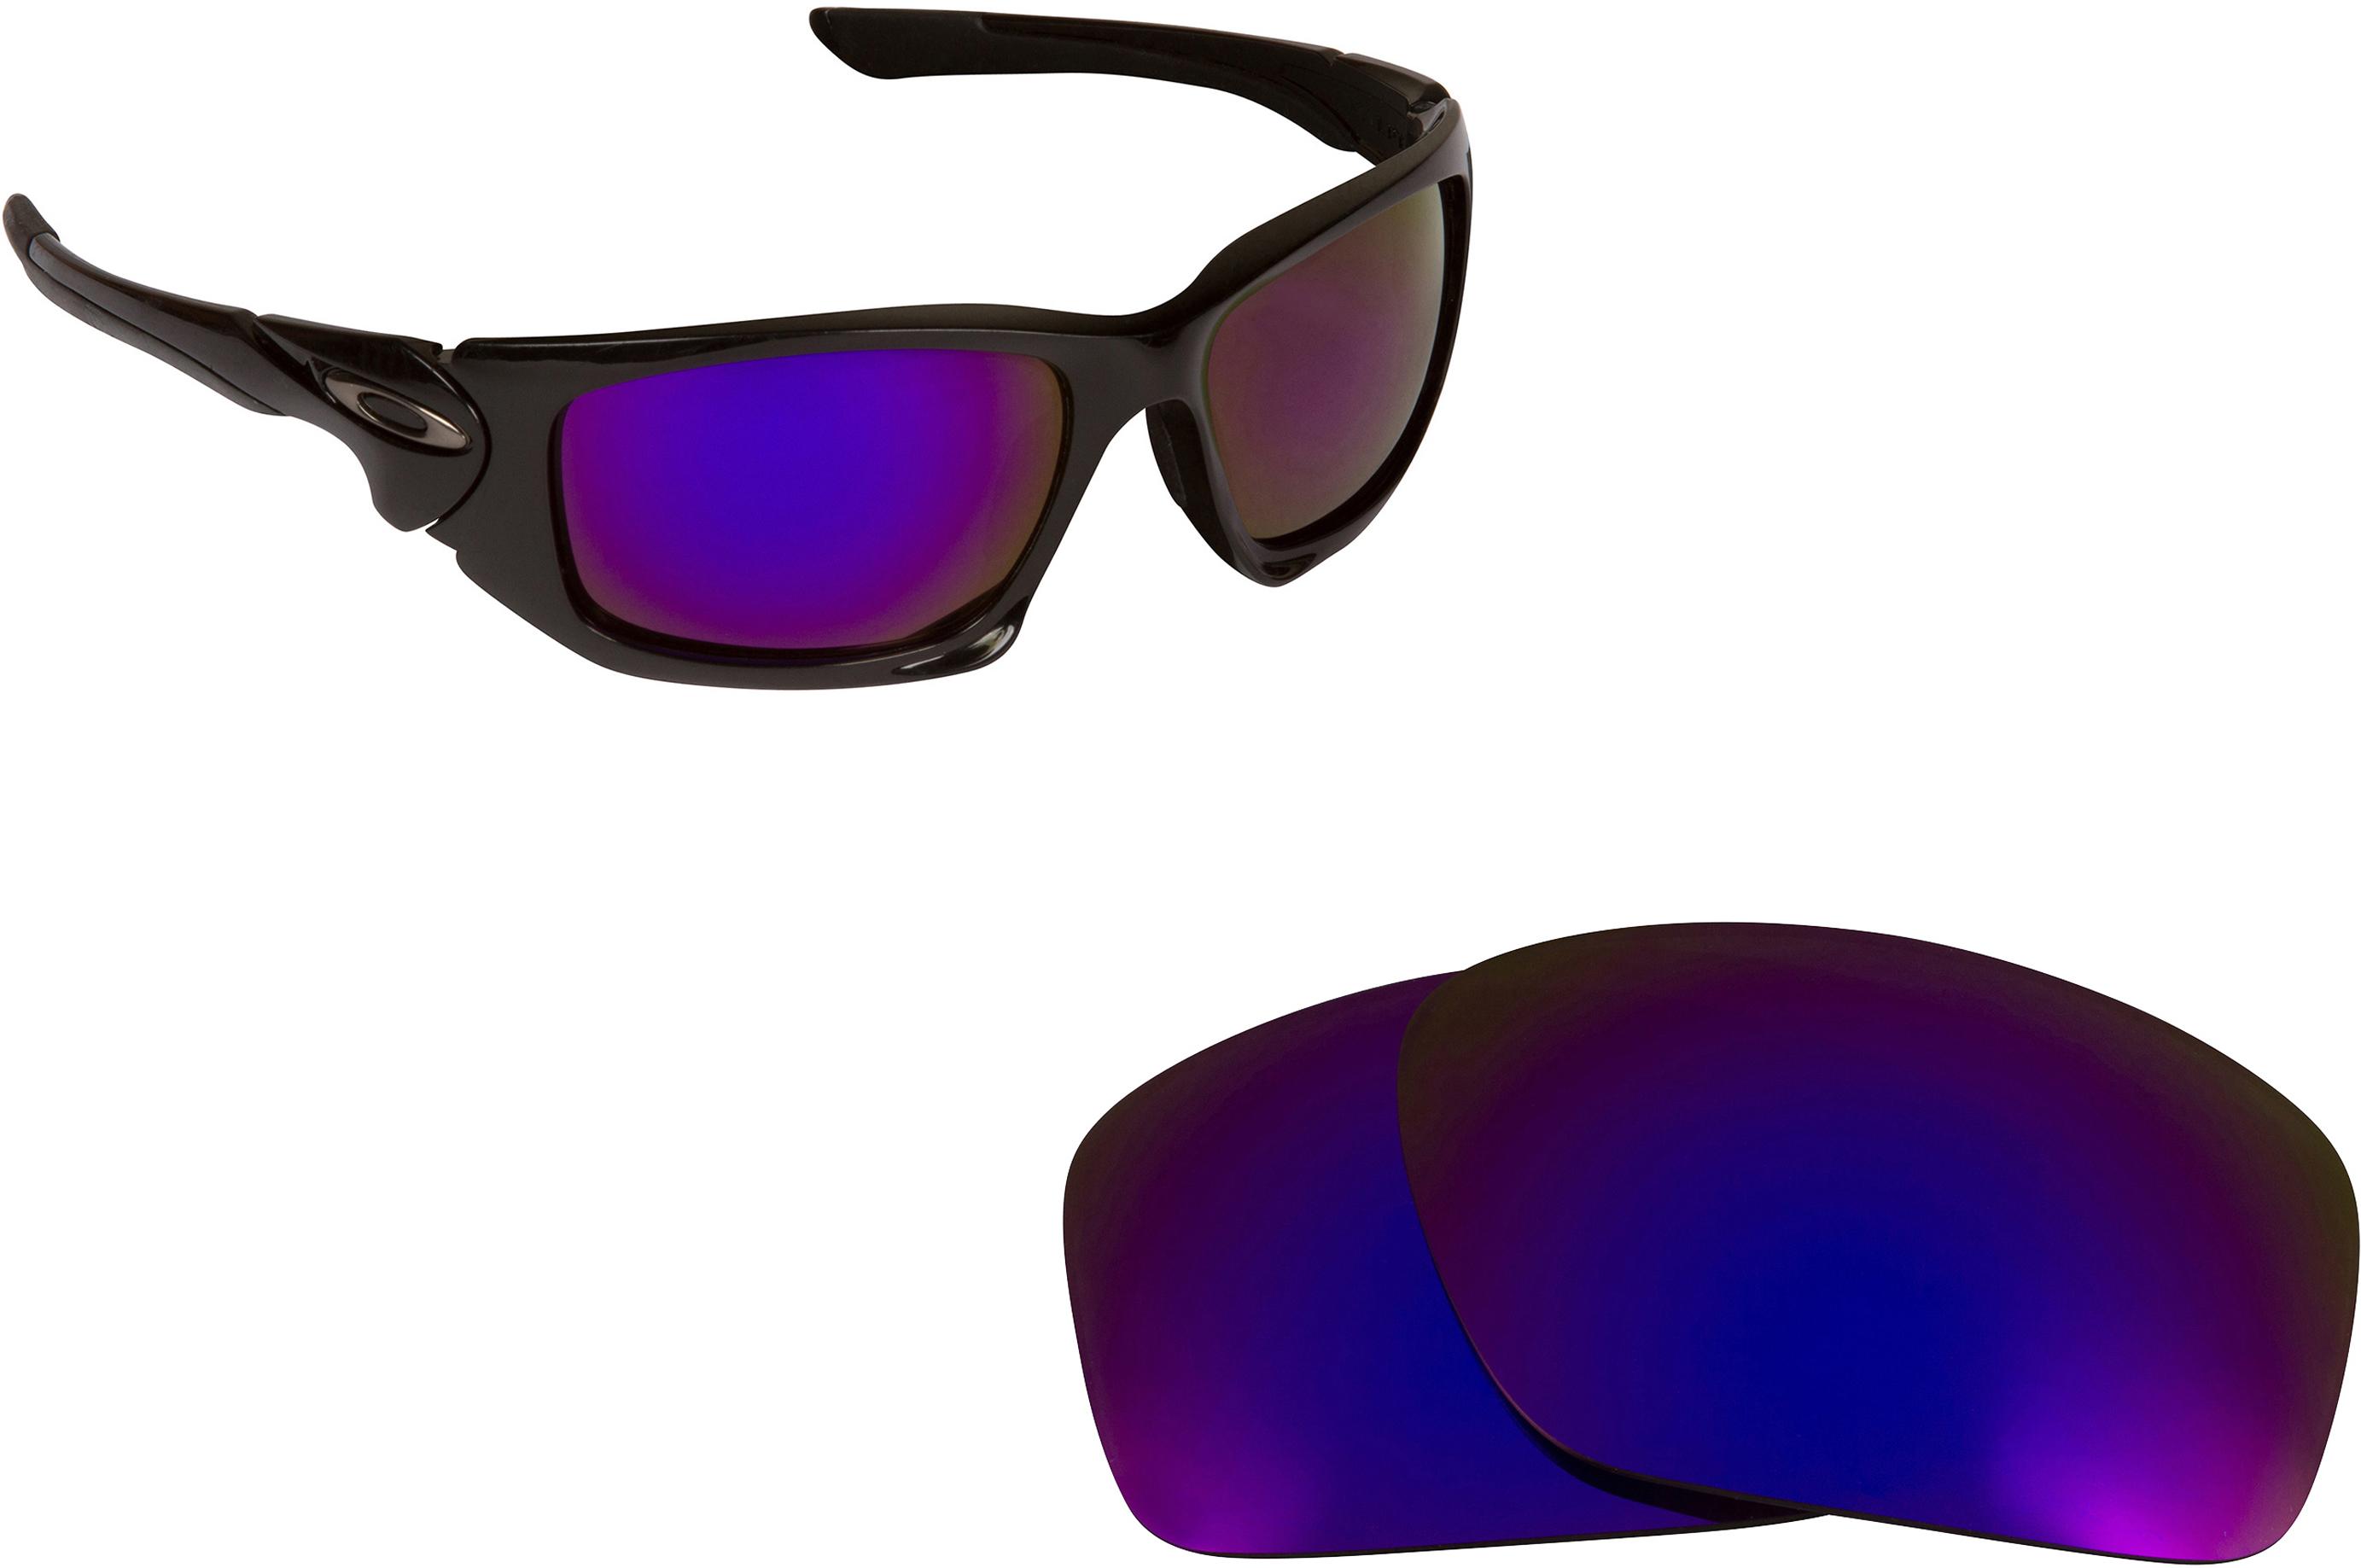 oakley 4 1 replacement lenses  oakley scalpel gold purple